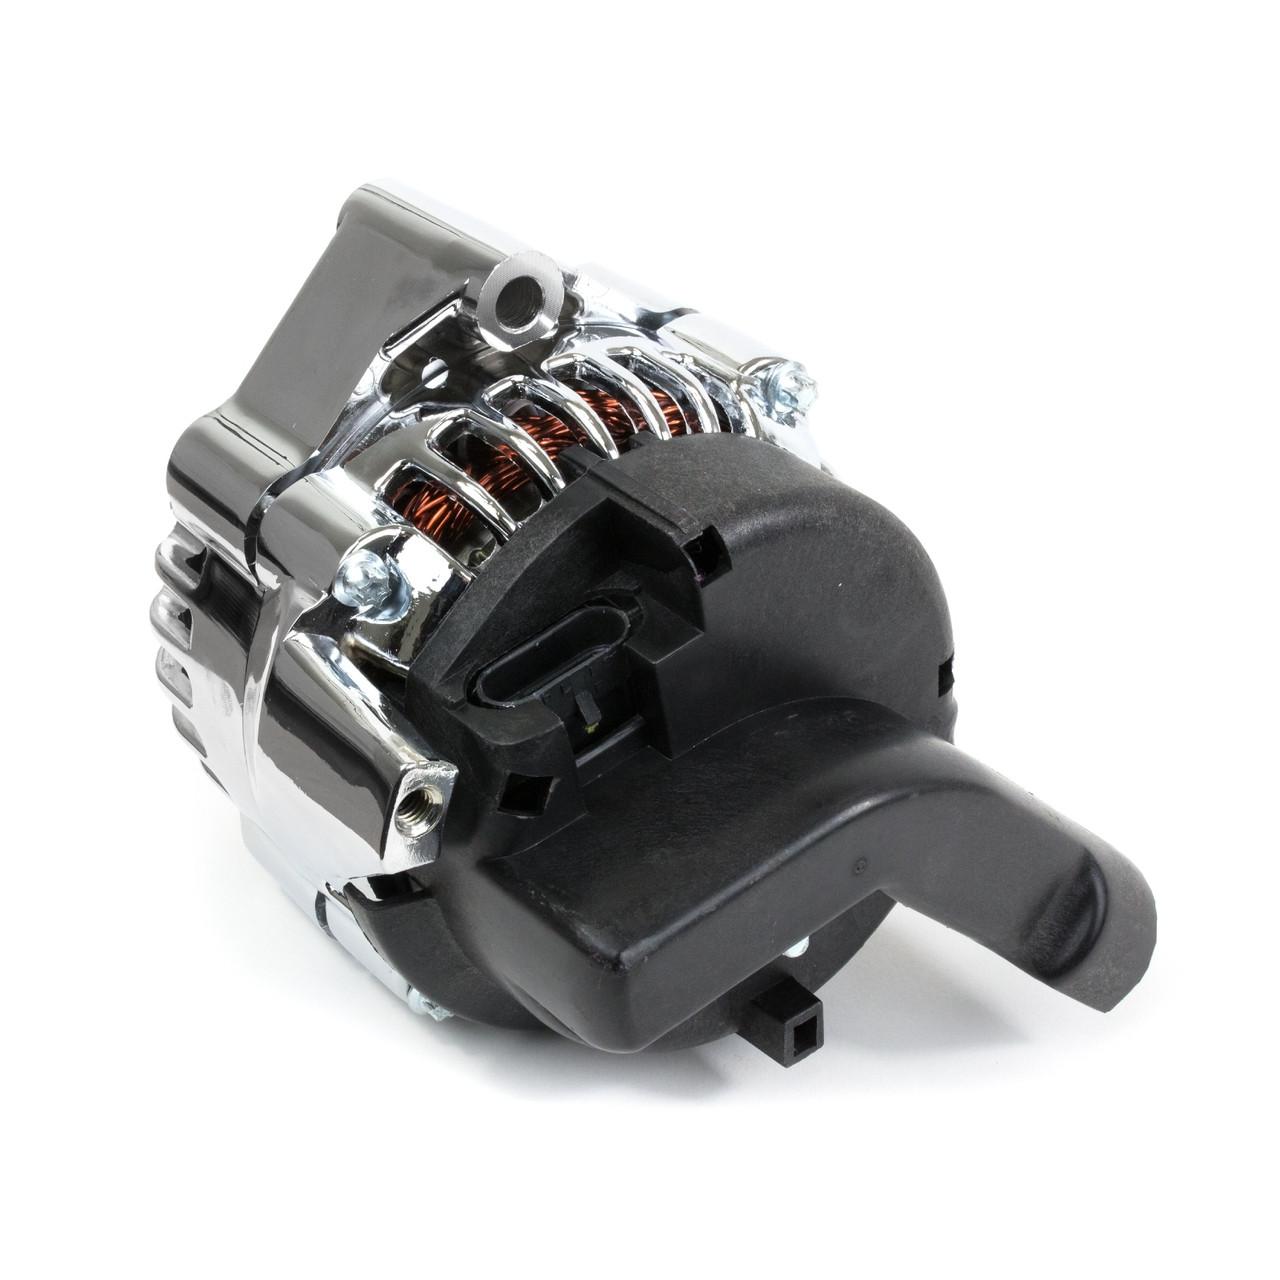 6g alternator wiring diagram 6g alternator parts wiring